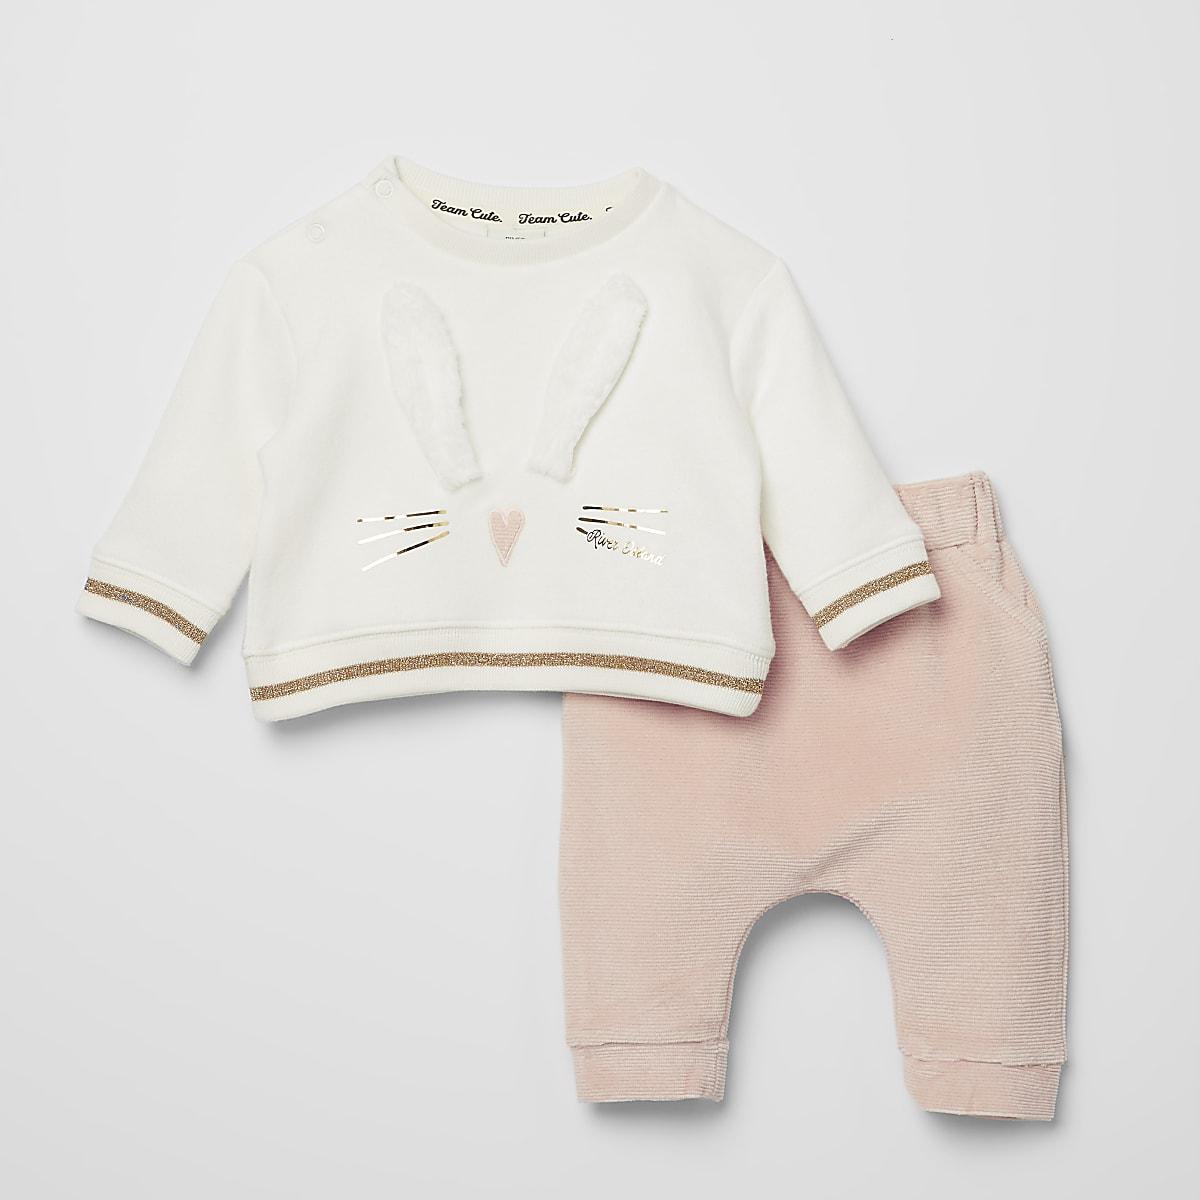 Outfit met roze sweatshirt met konijn voor baby's